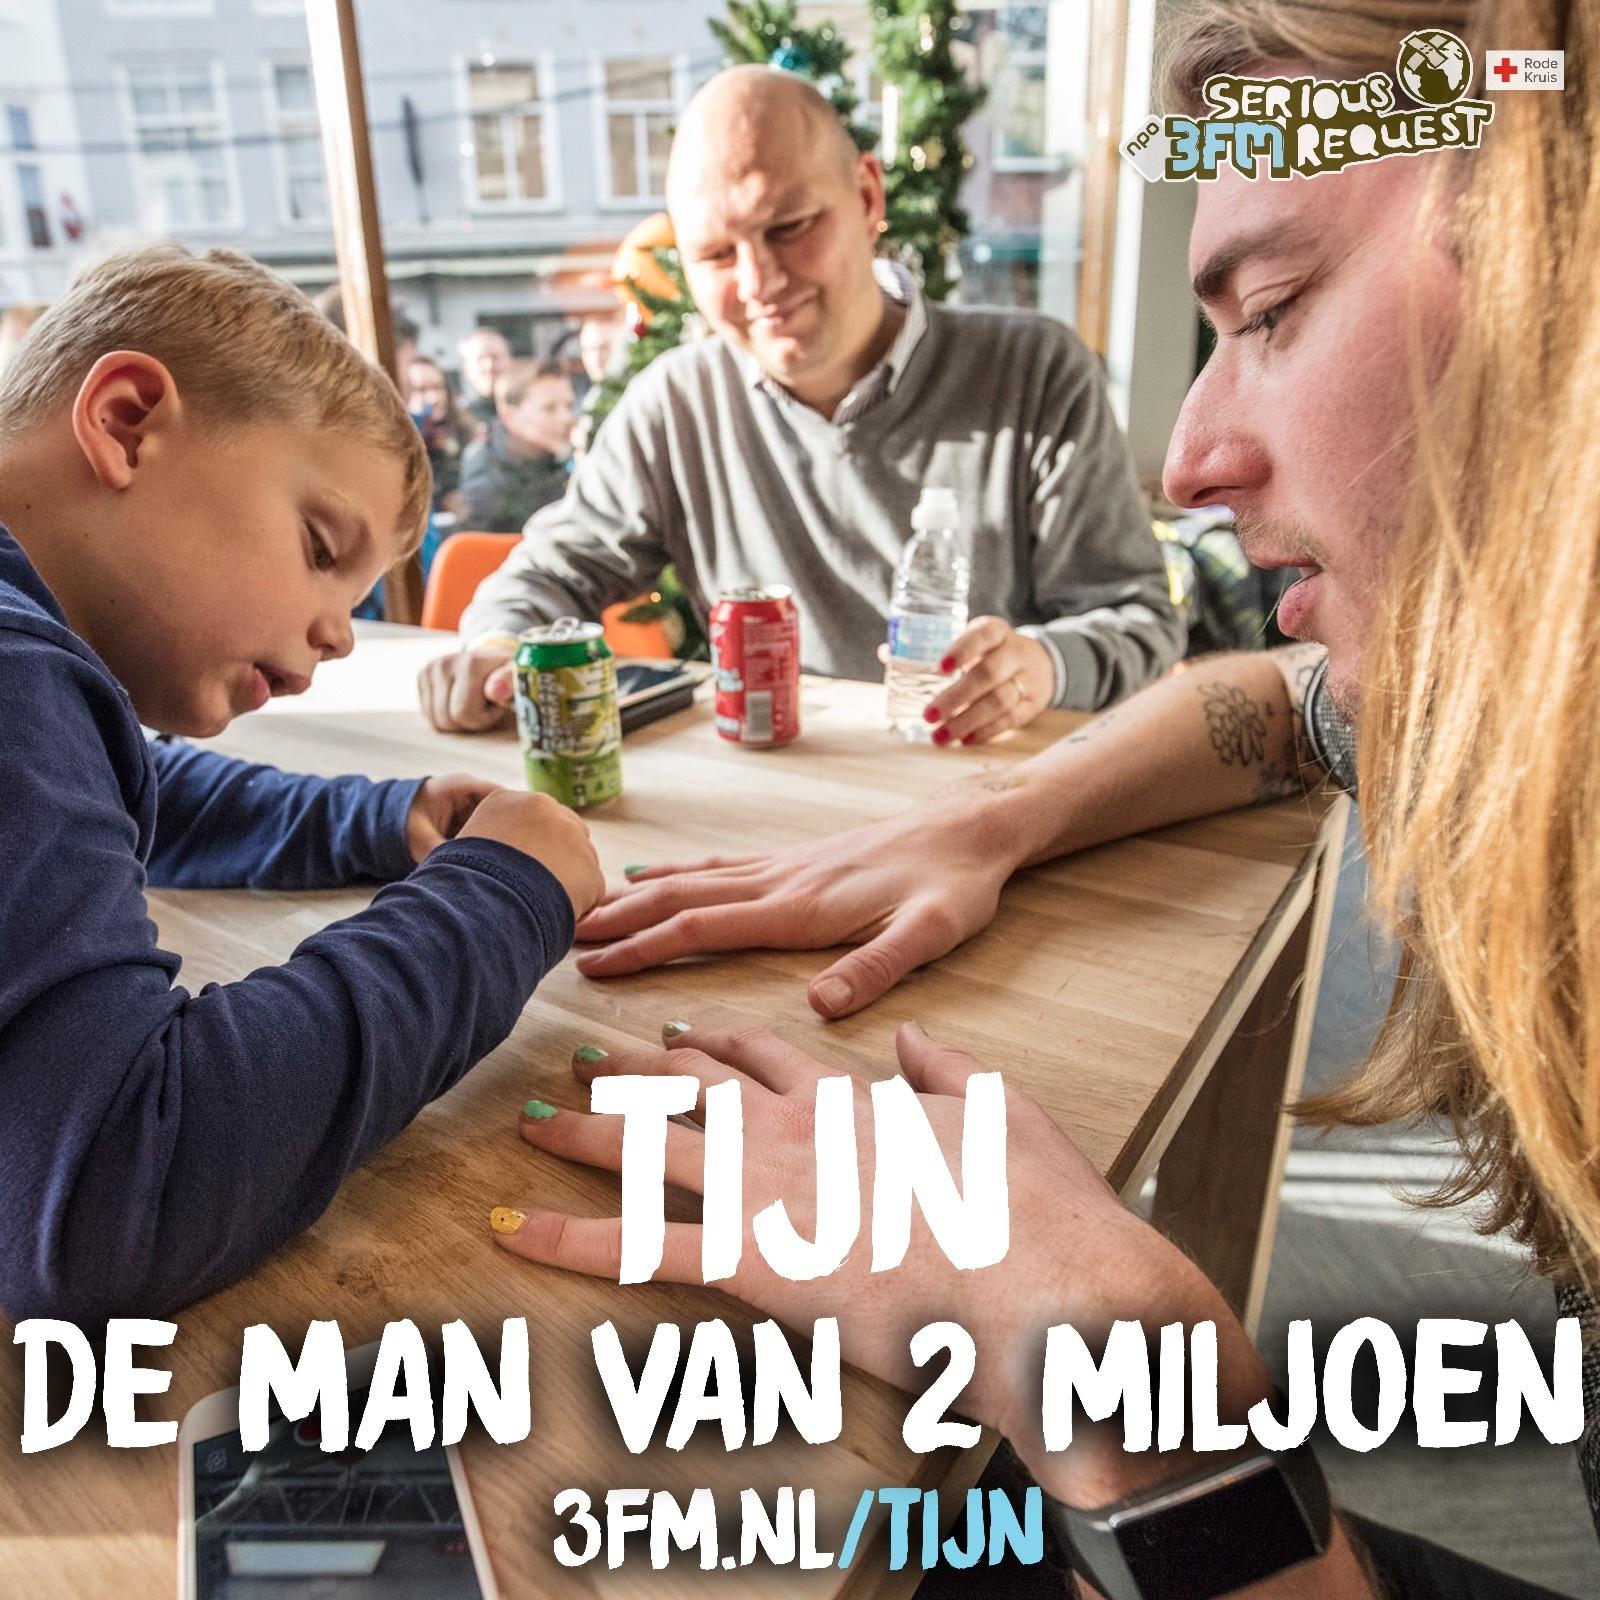 5121369 tijn 2 miljoen euro sr16